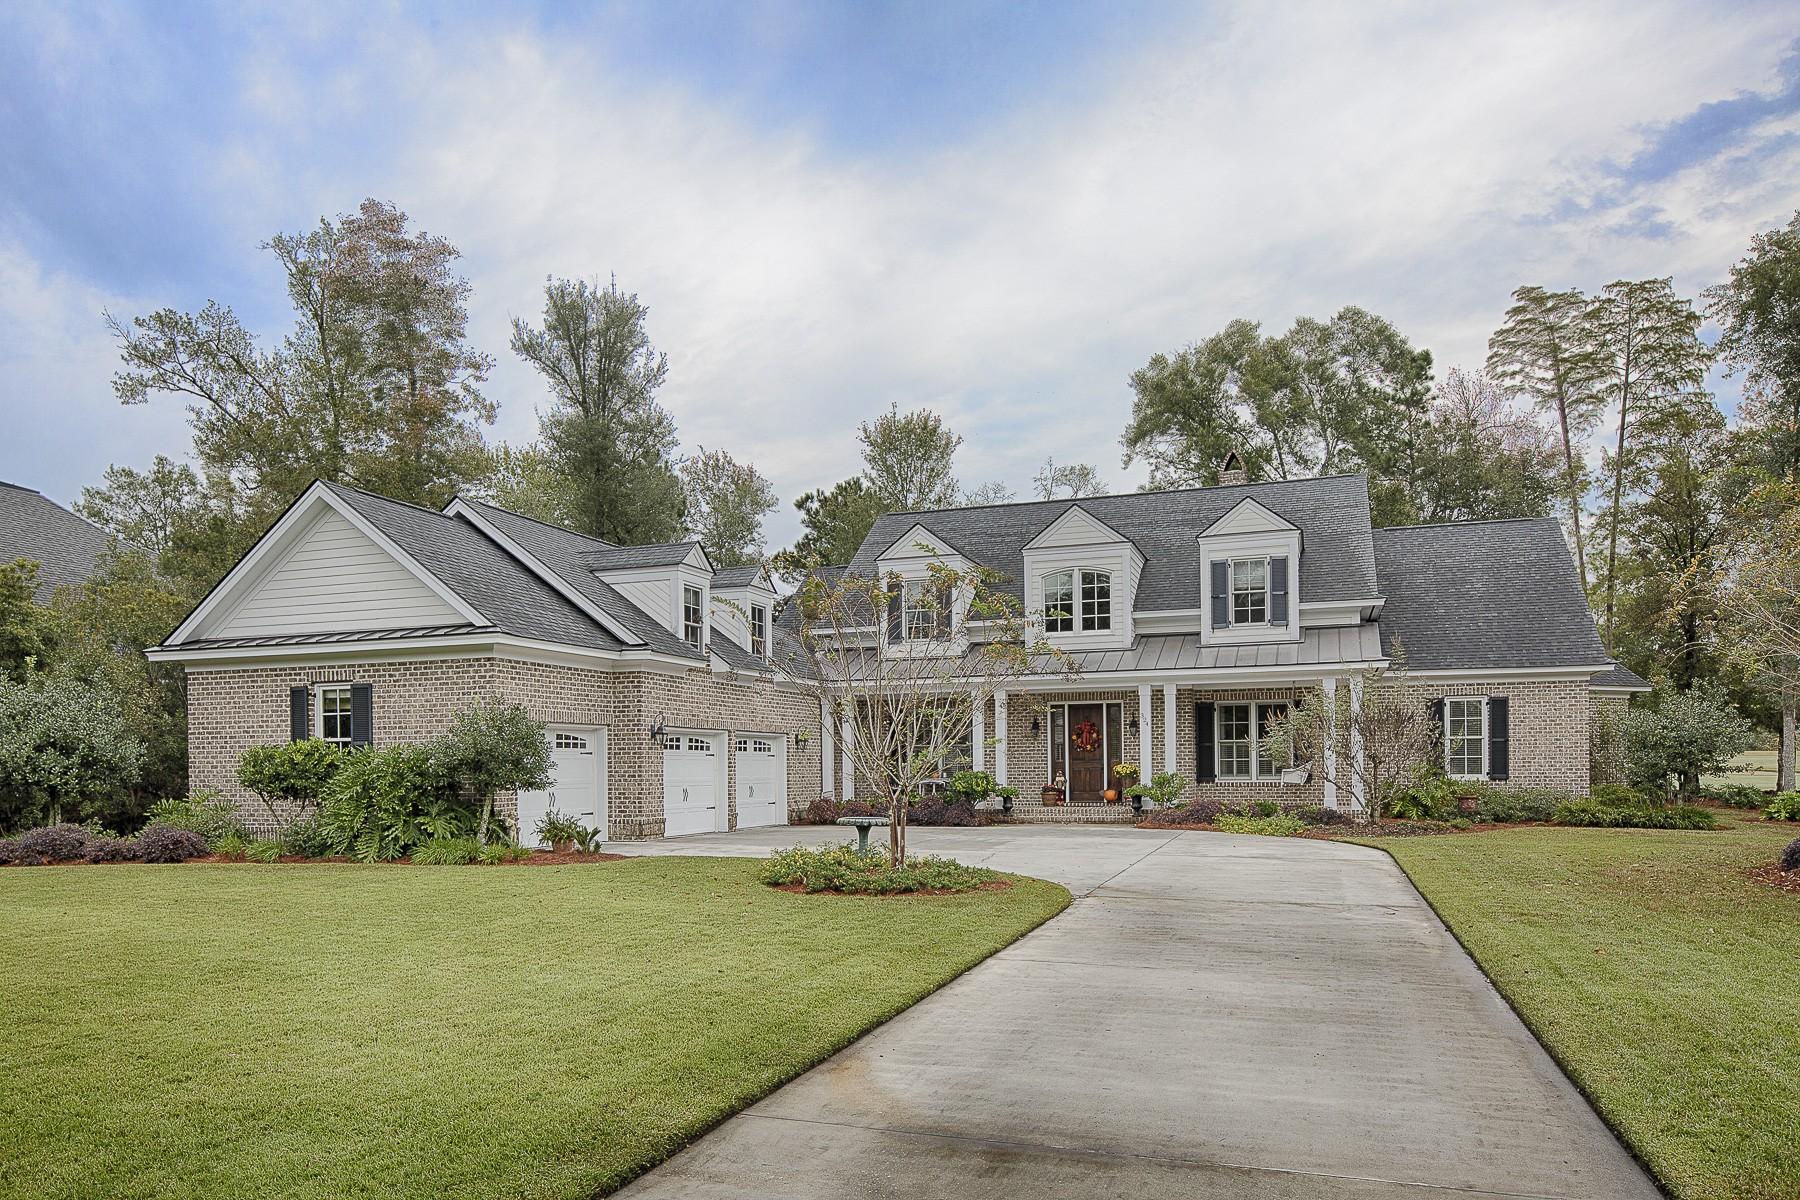 Maison unifamiliale pour l Vente à Westbrook at Savannah Quarters 324 Spanton Crescent Pooler, Georgia, 31322 États-Unis